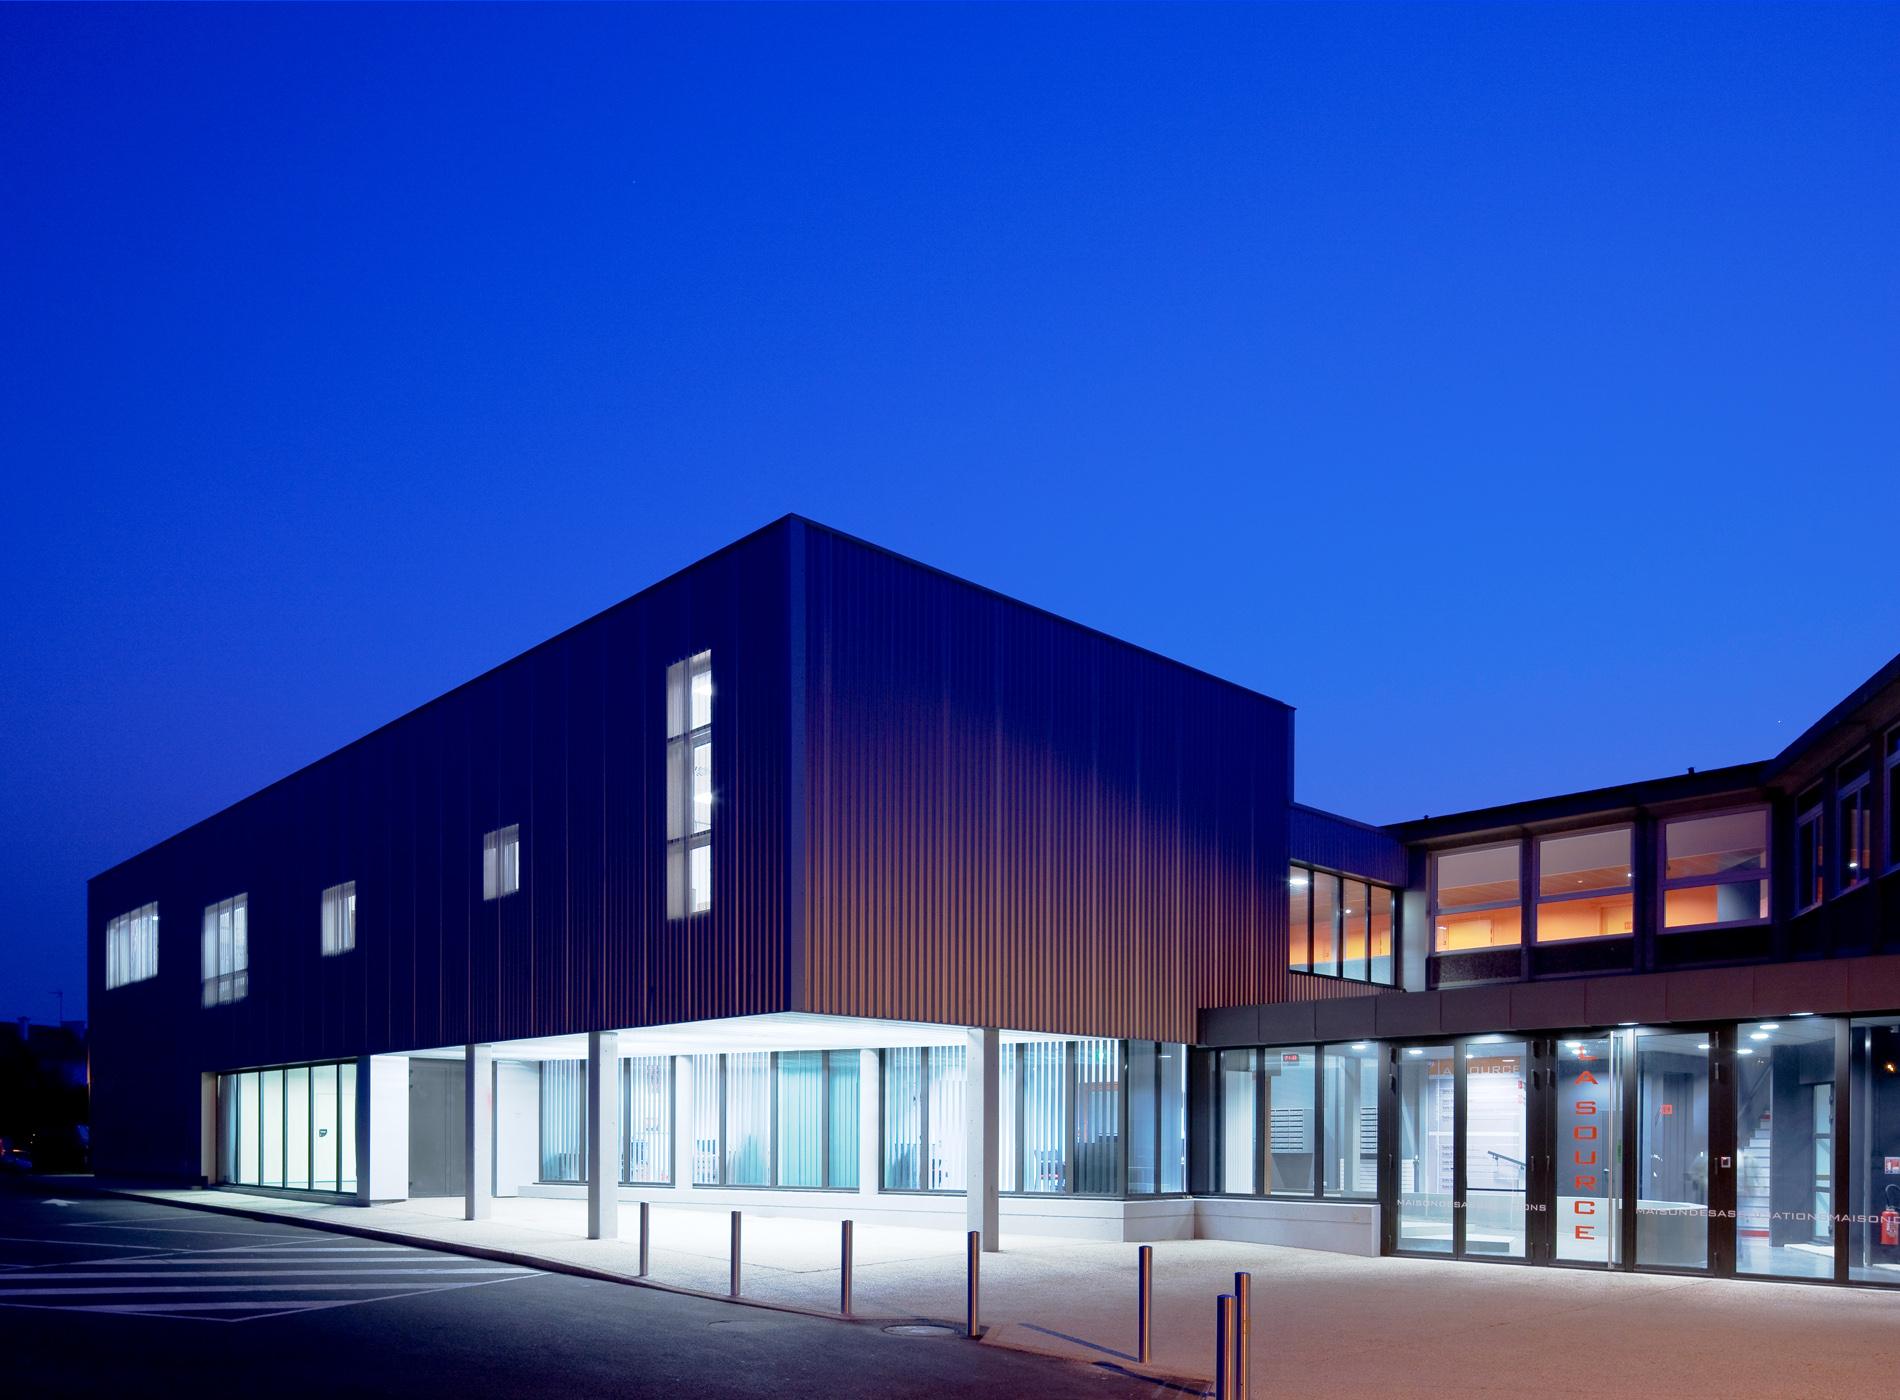 Programmation architecturale – Construction d'une maison associative à Dinan - Photo 4 - Cap Urbain, agence de programmation urbaine et architecturale à Nantes // Crédits : S. Chalmeau